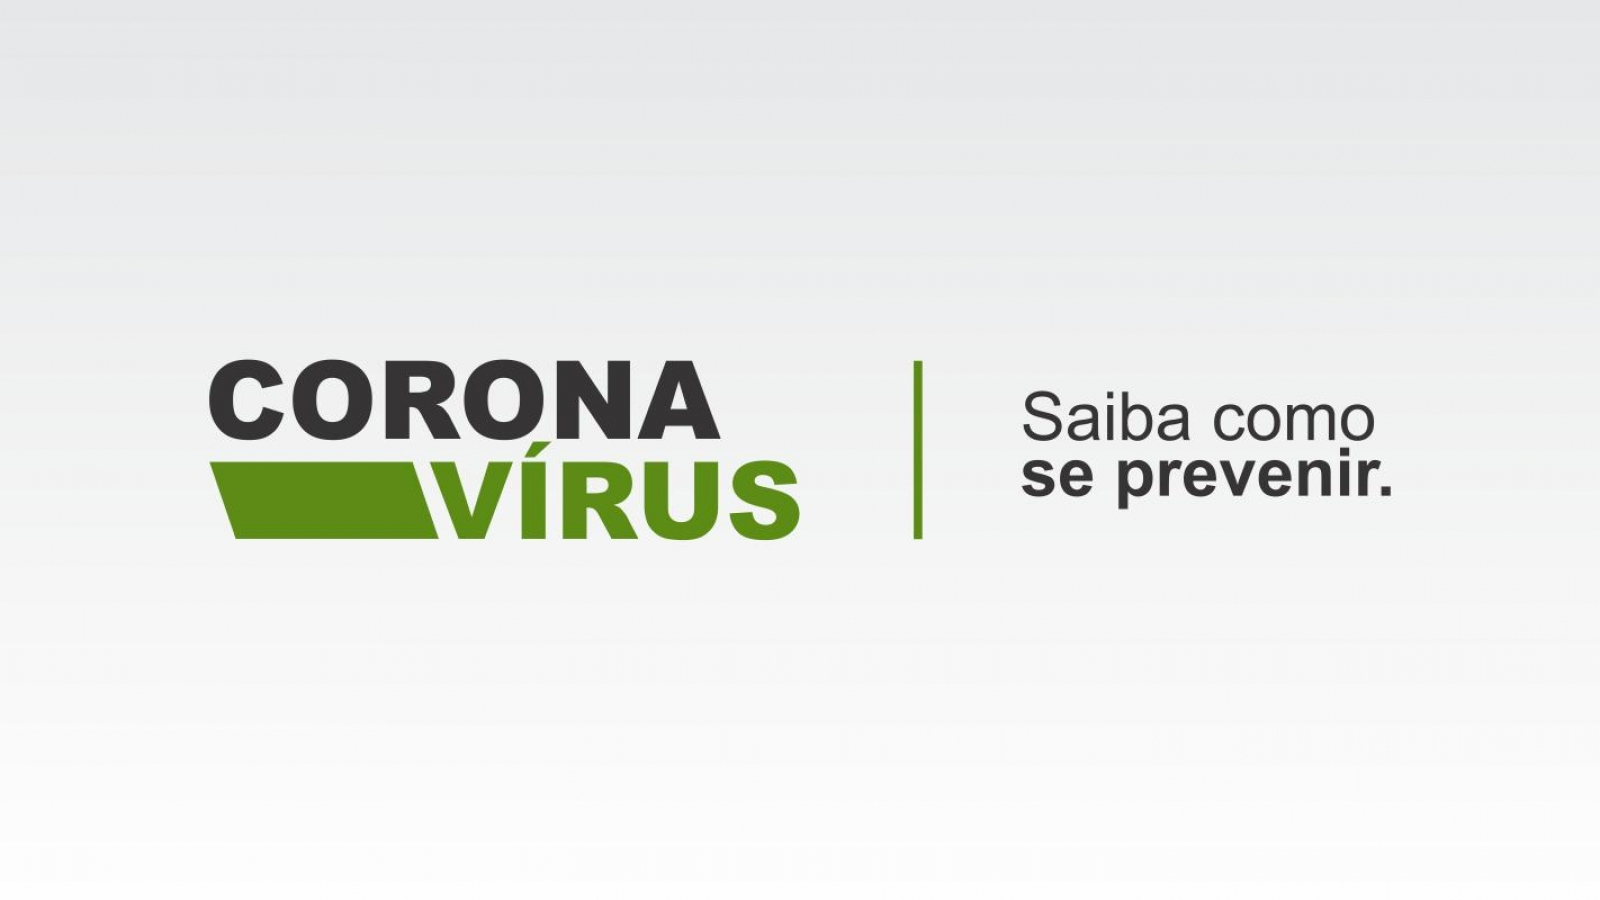 Coronavírus - Saiba como se prevenir